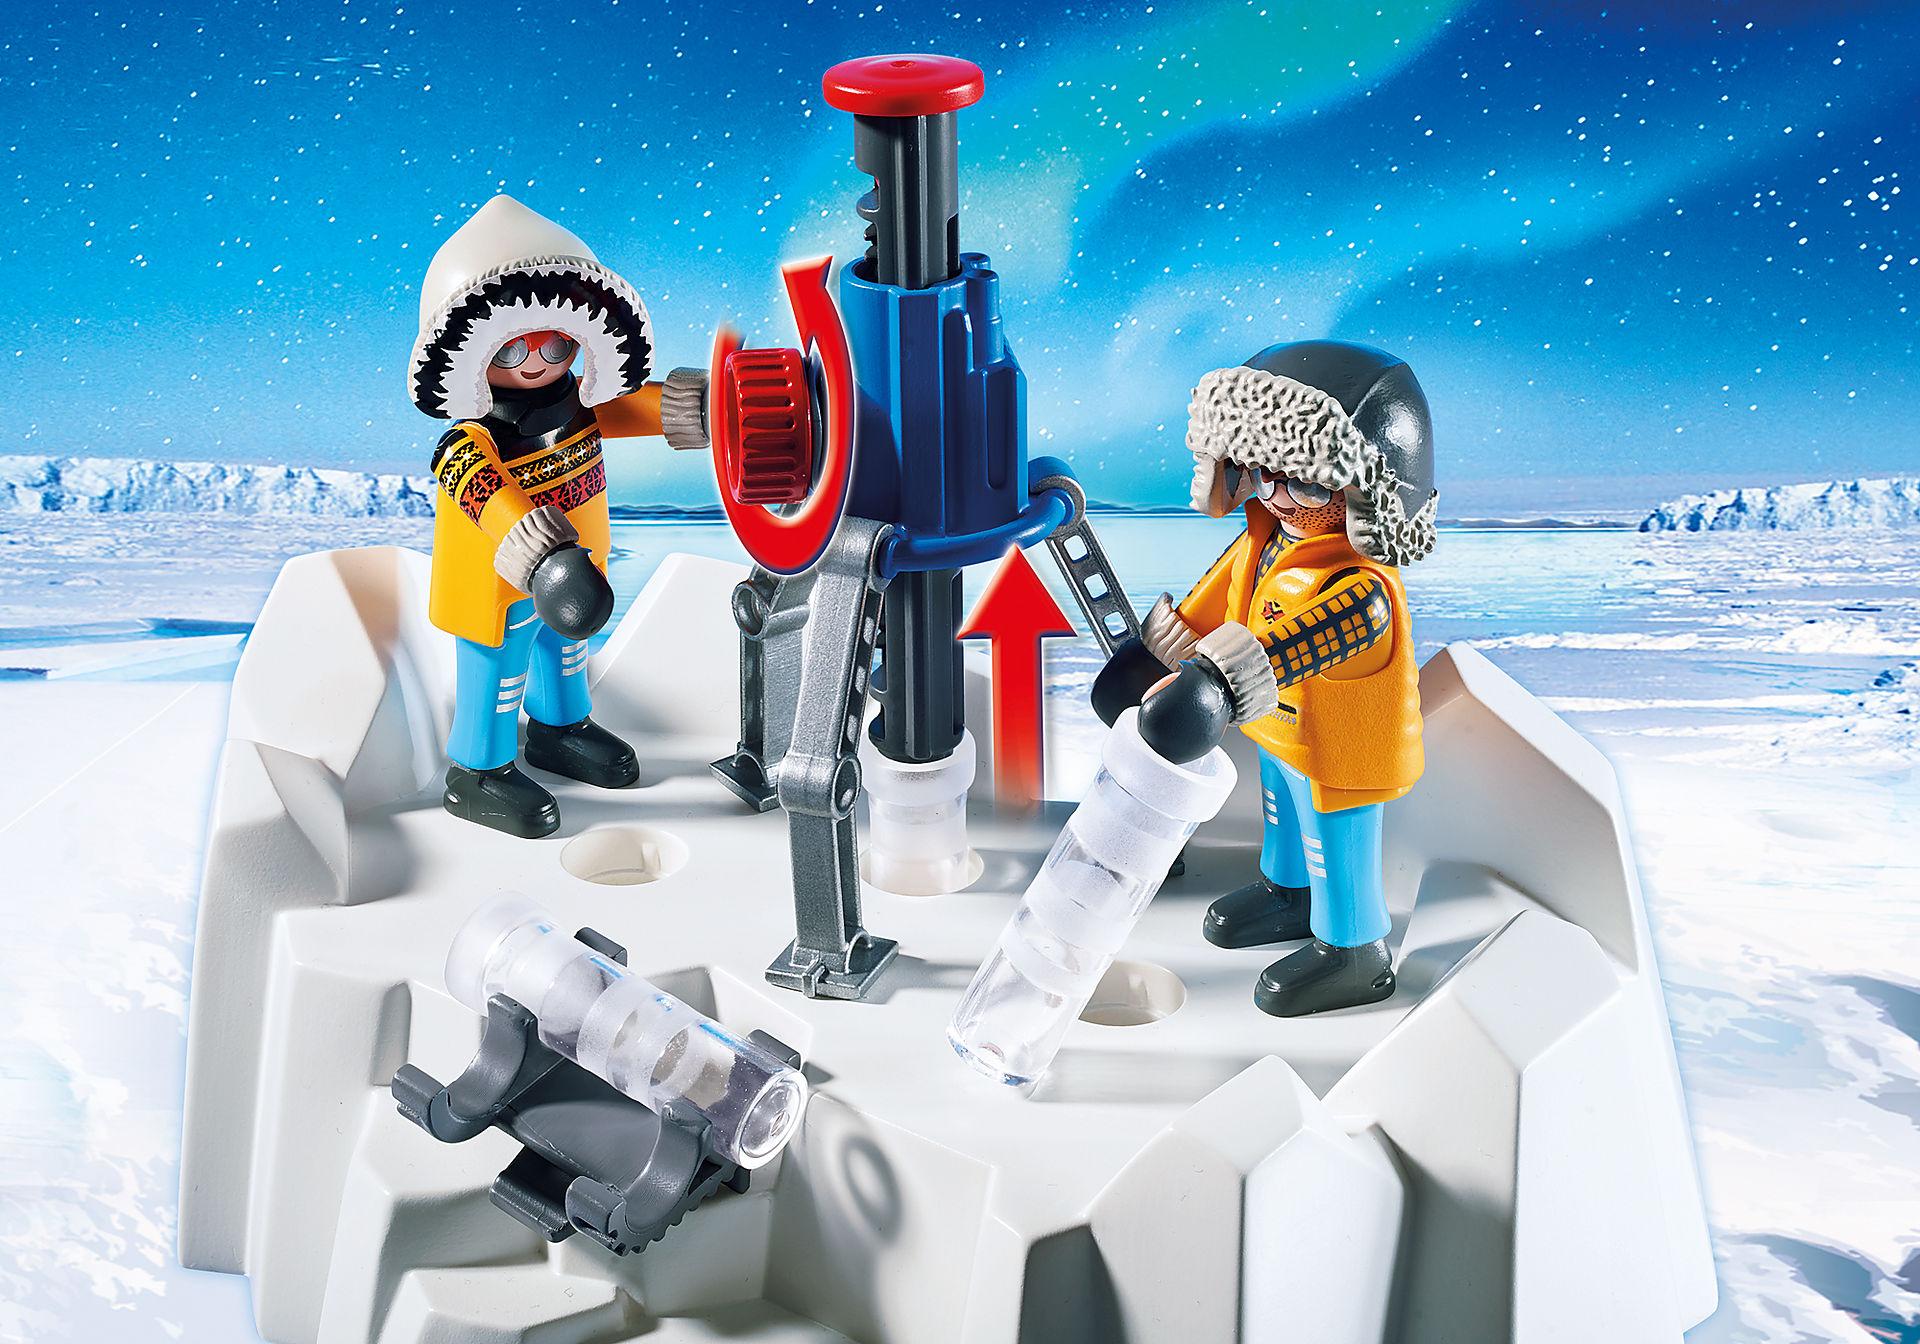 9056 Polar Ranger mit Eisbären zoom image5